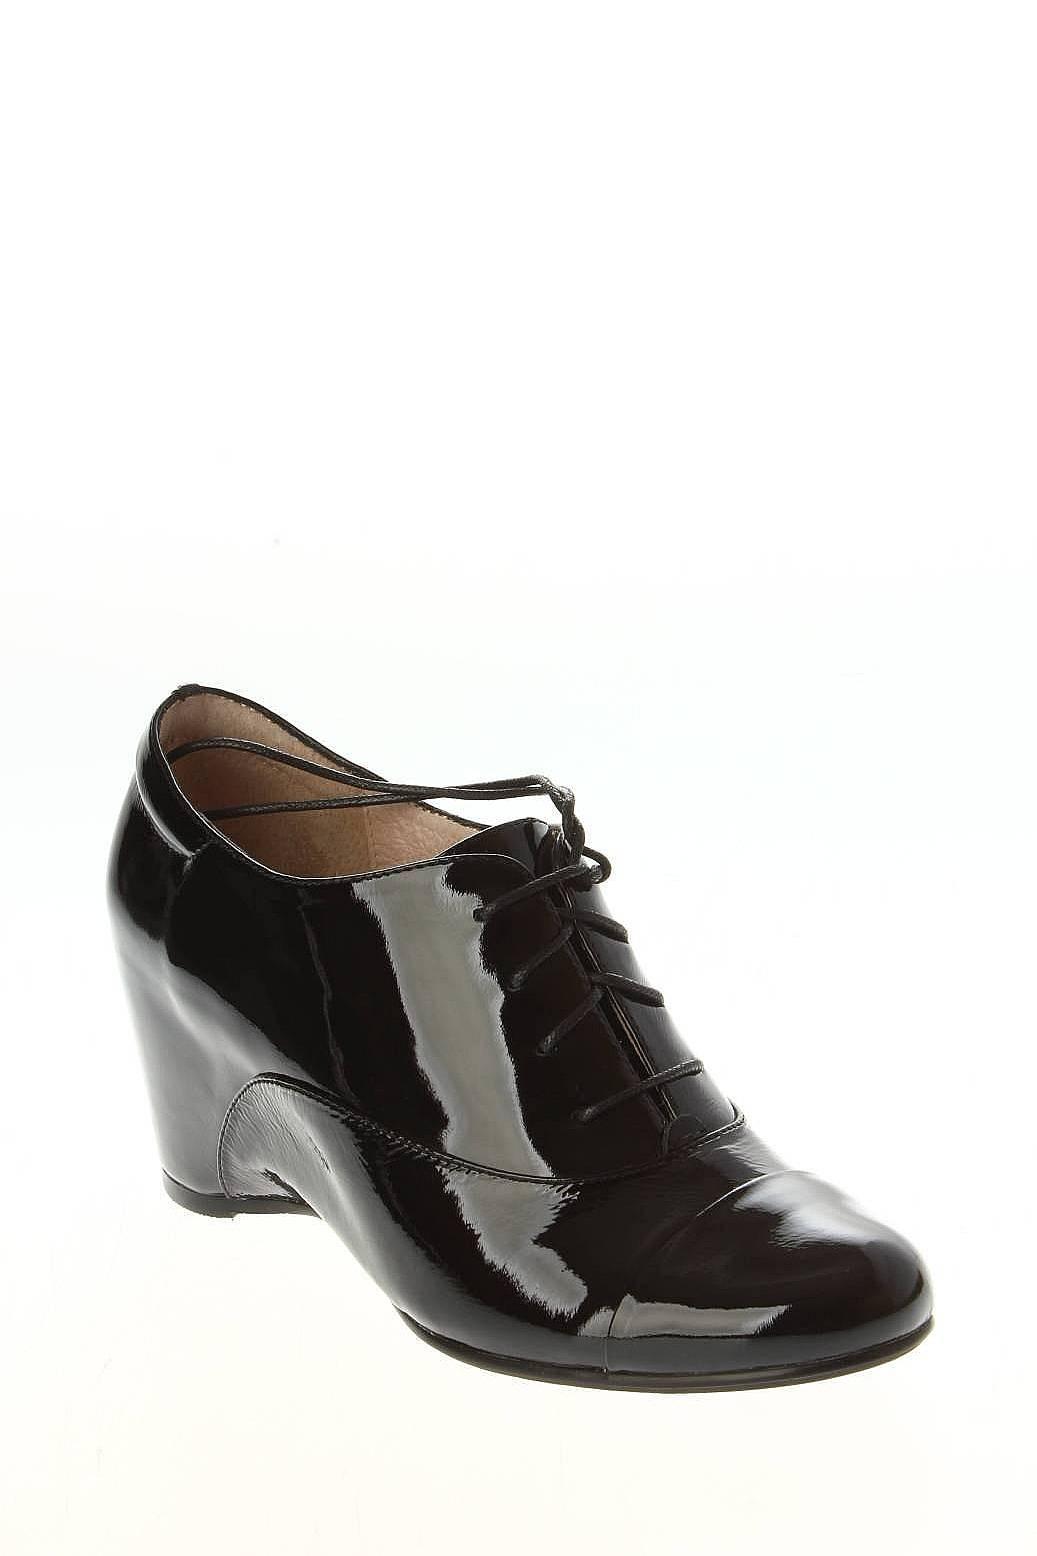 Женская ортопедическая обувь из германии интернет магазин